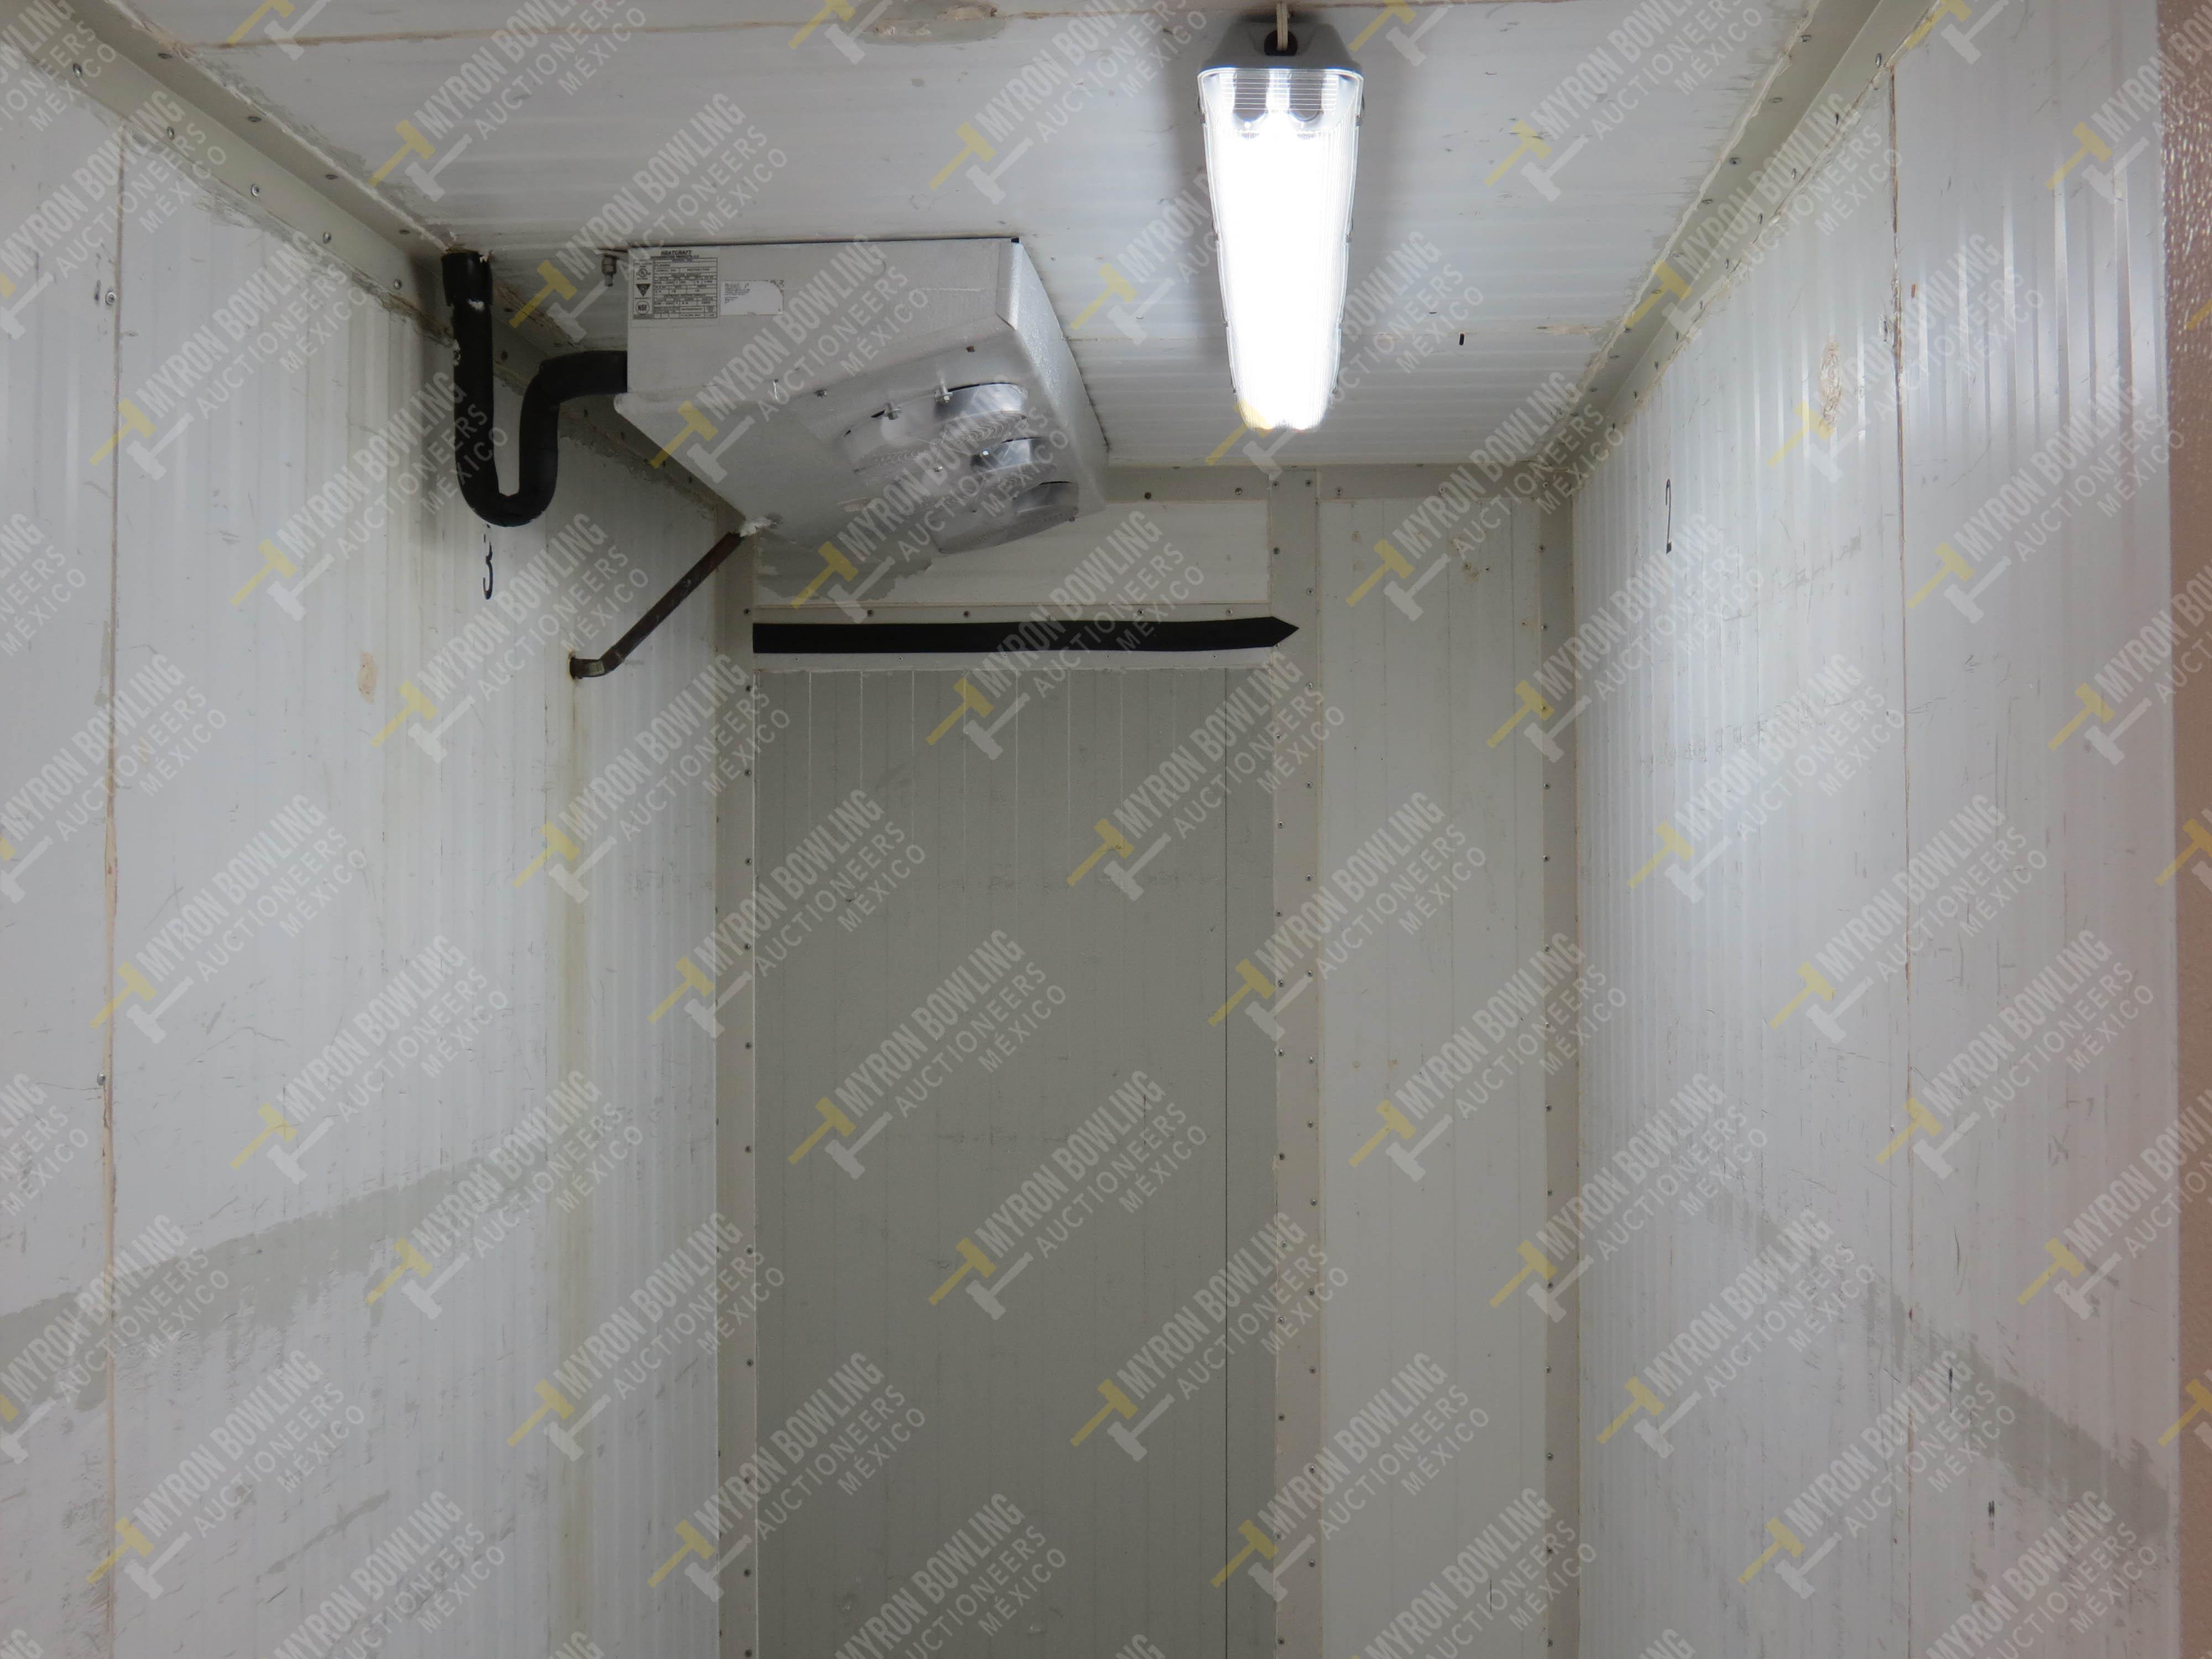 Cámara de conservación de alimentos marca Heatcraft, Modelo TL53BG, No. de Serie D07C01703 - Image 2 of 4